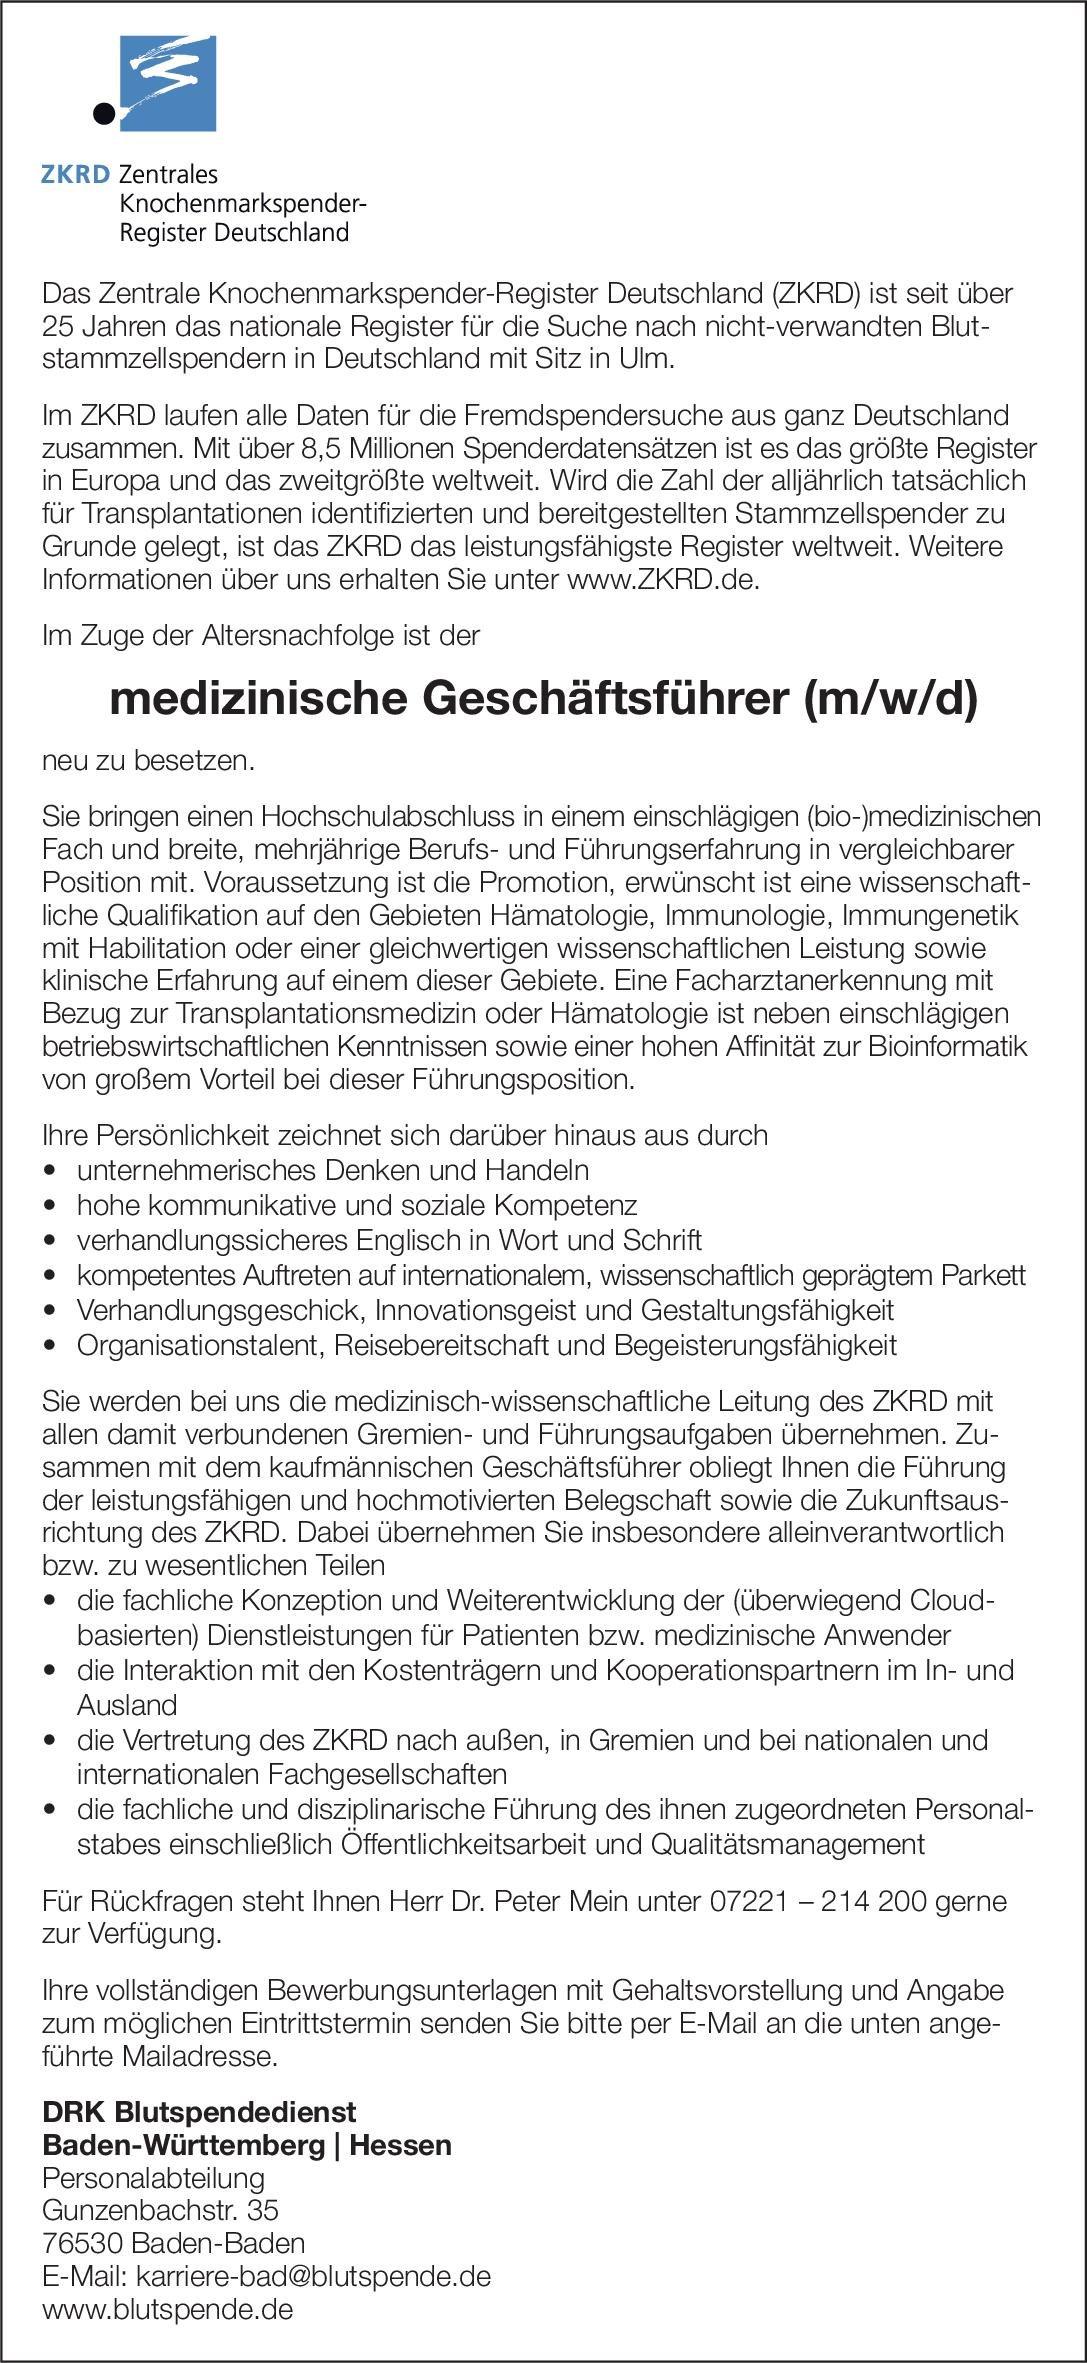 ZKRD - DRK Blutspendedienst Baden-Württemberg   Hessen Medizinischer Geschäftsführer (m/w/d)  Innere Medizin und Hämatologie und Onkologie, Innere Medizin Arzt / Facharzt, Ärztl. Geschäftsführer / Direktor